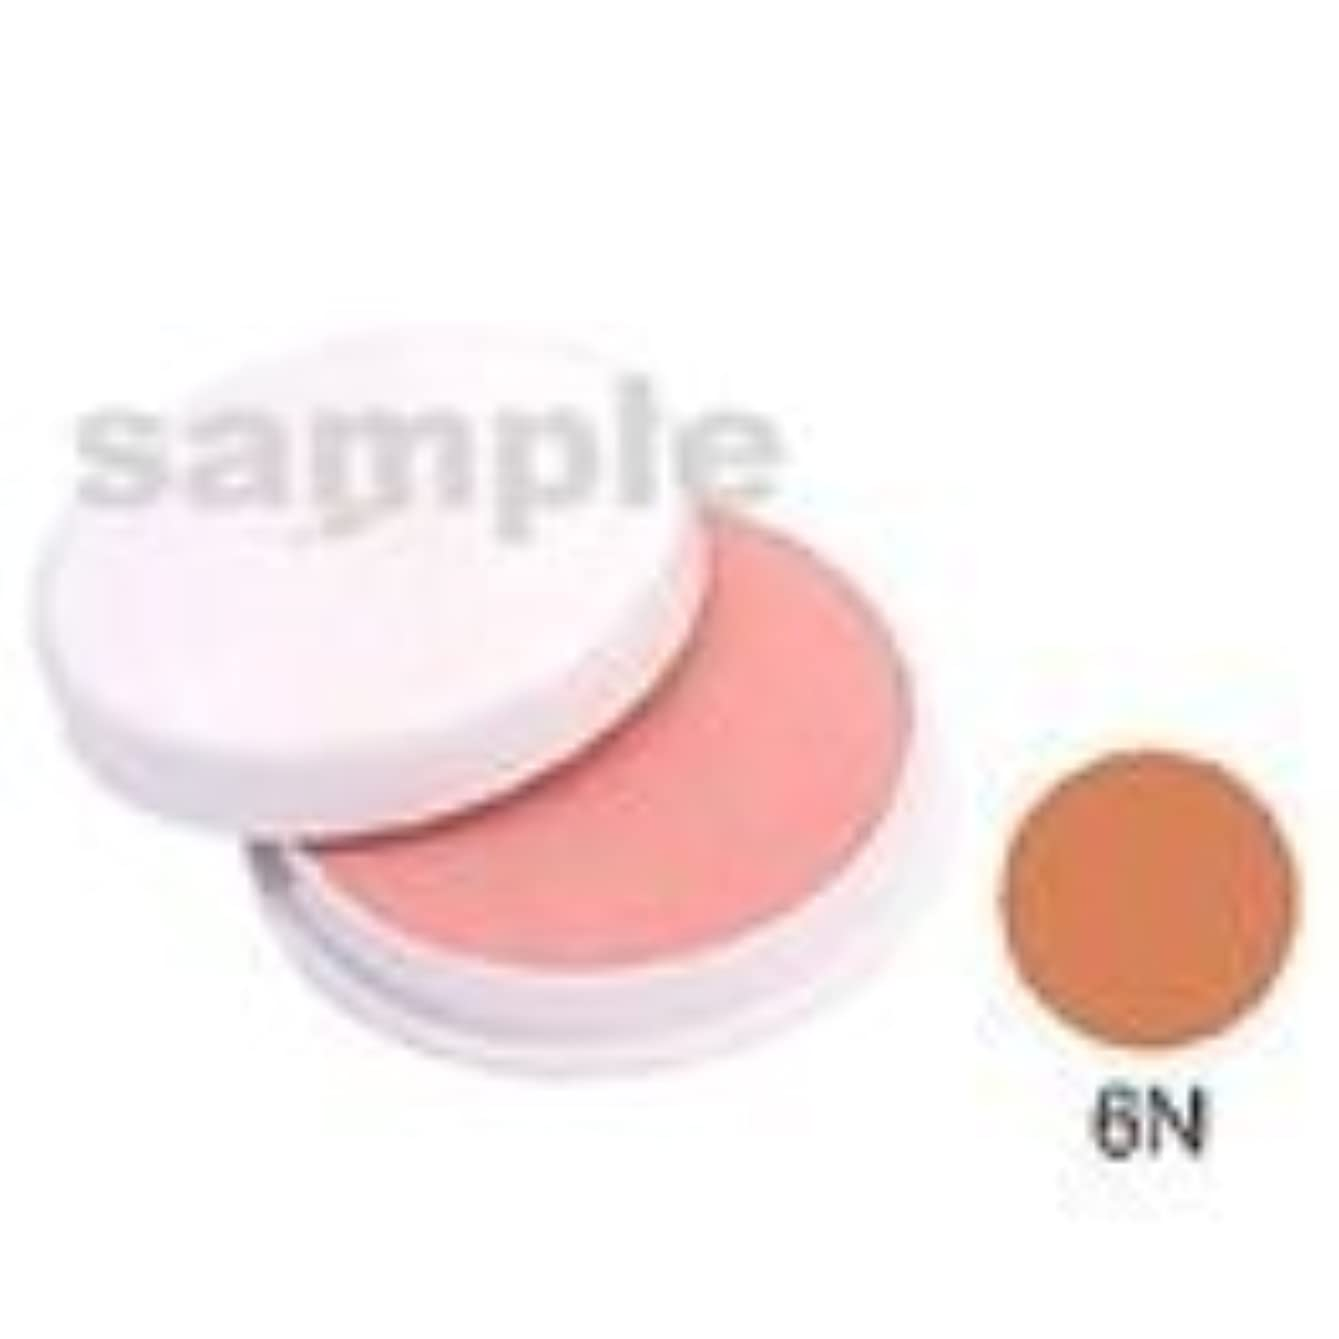 格差扱いやすいブラザー三善 フェースケーキ 6N